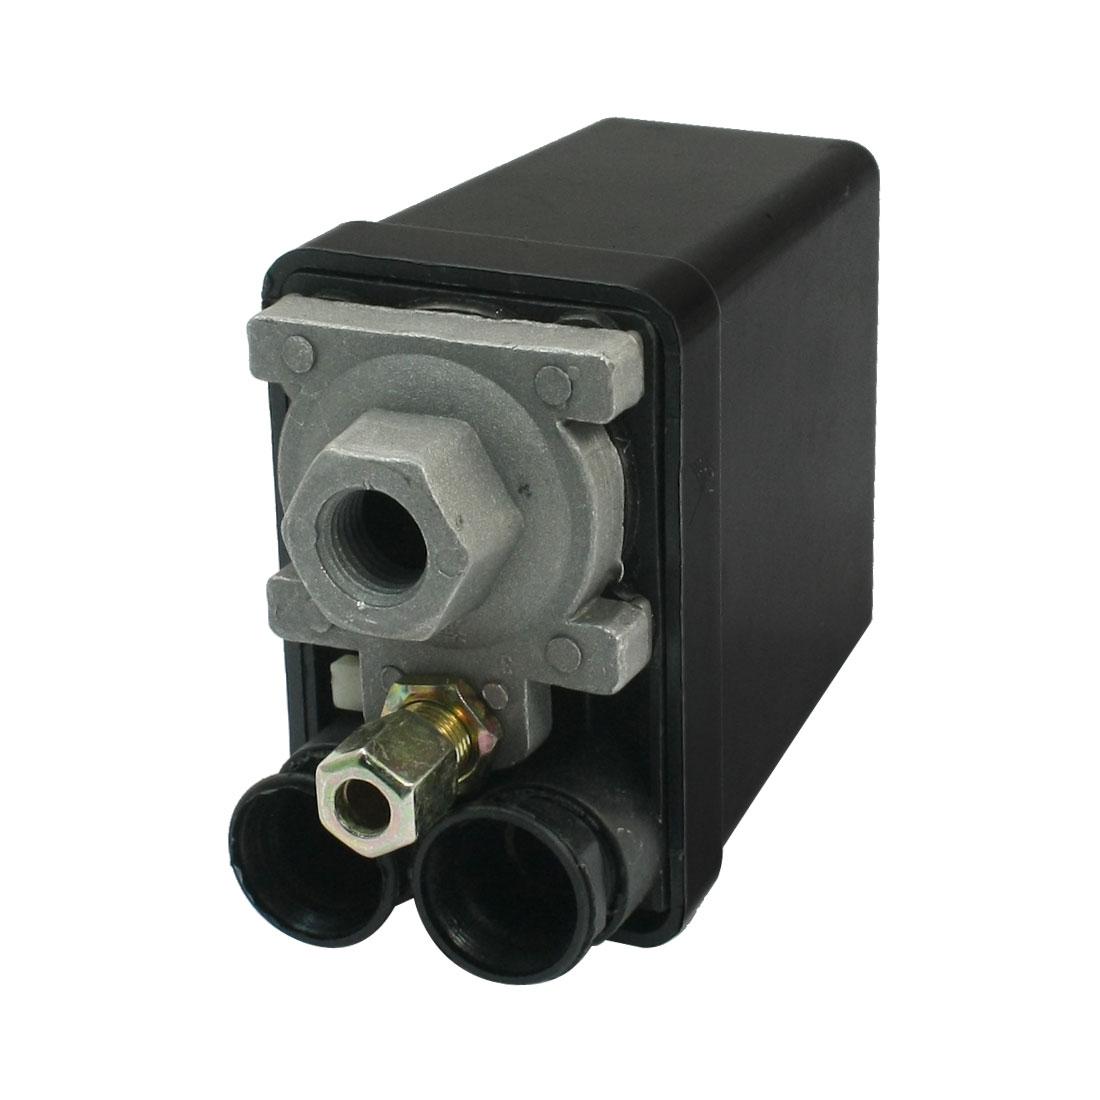 AC 240V 175PSI 1 Port Pressure Switch Control Valve for Air Compressor